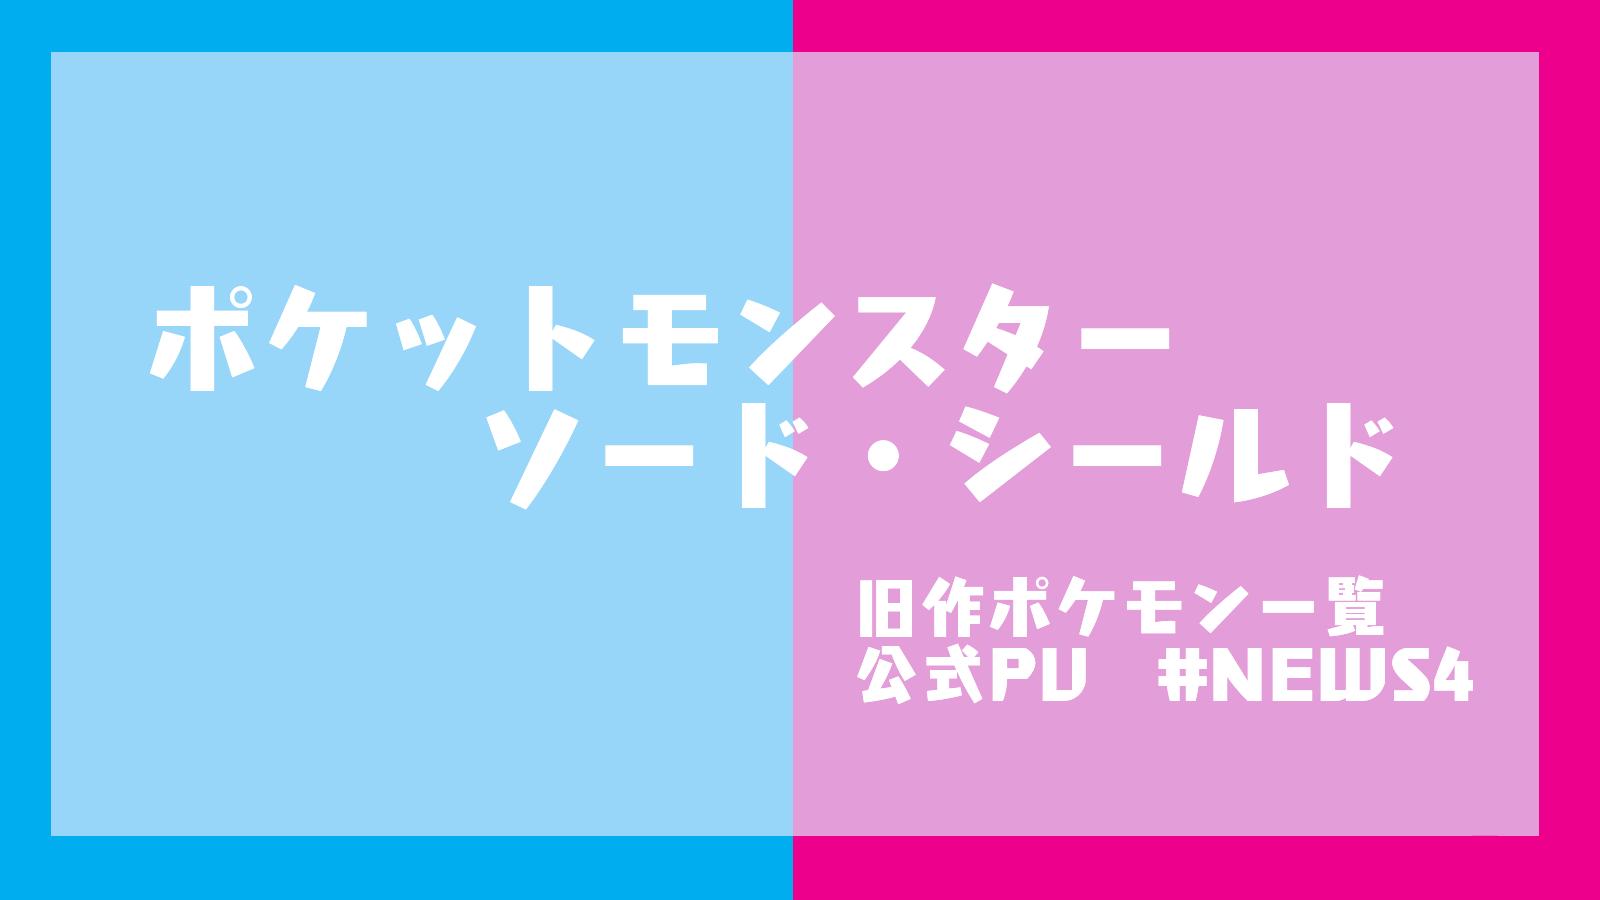 剣盾news4より旧作ポケモン